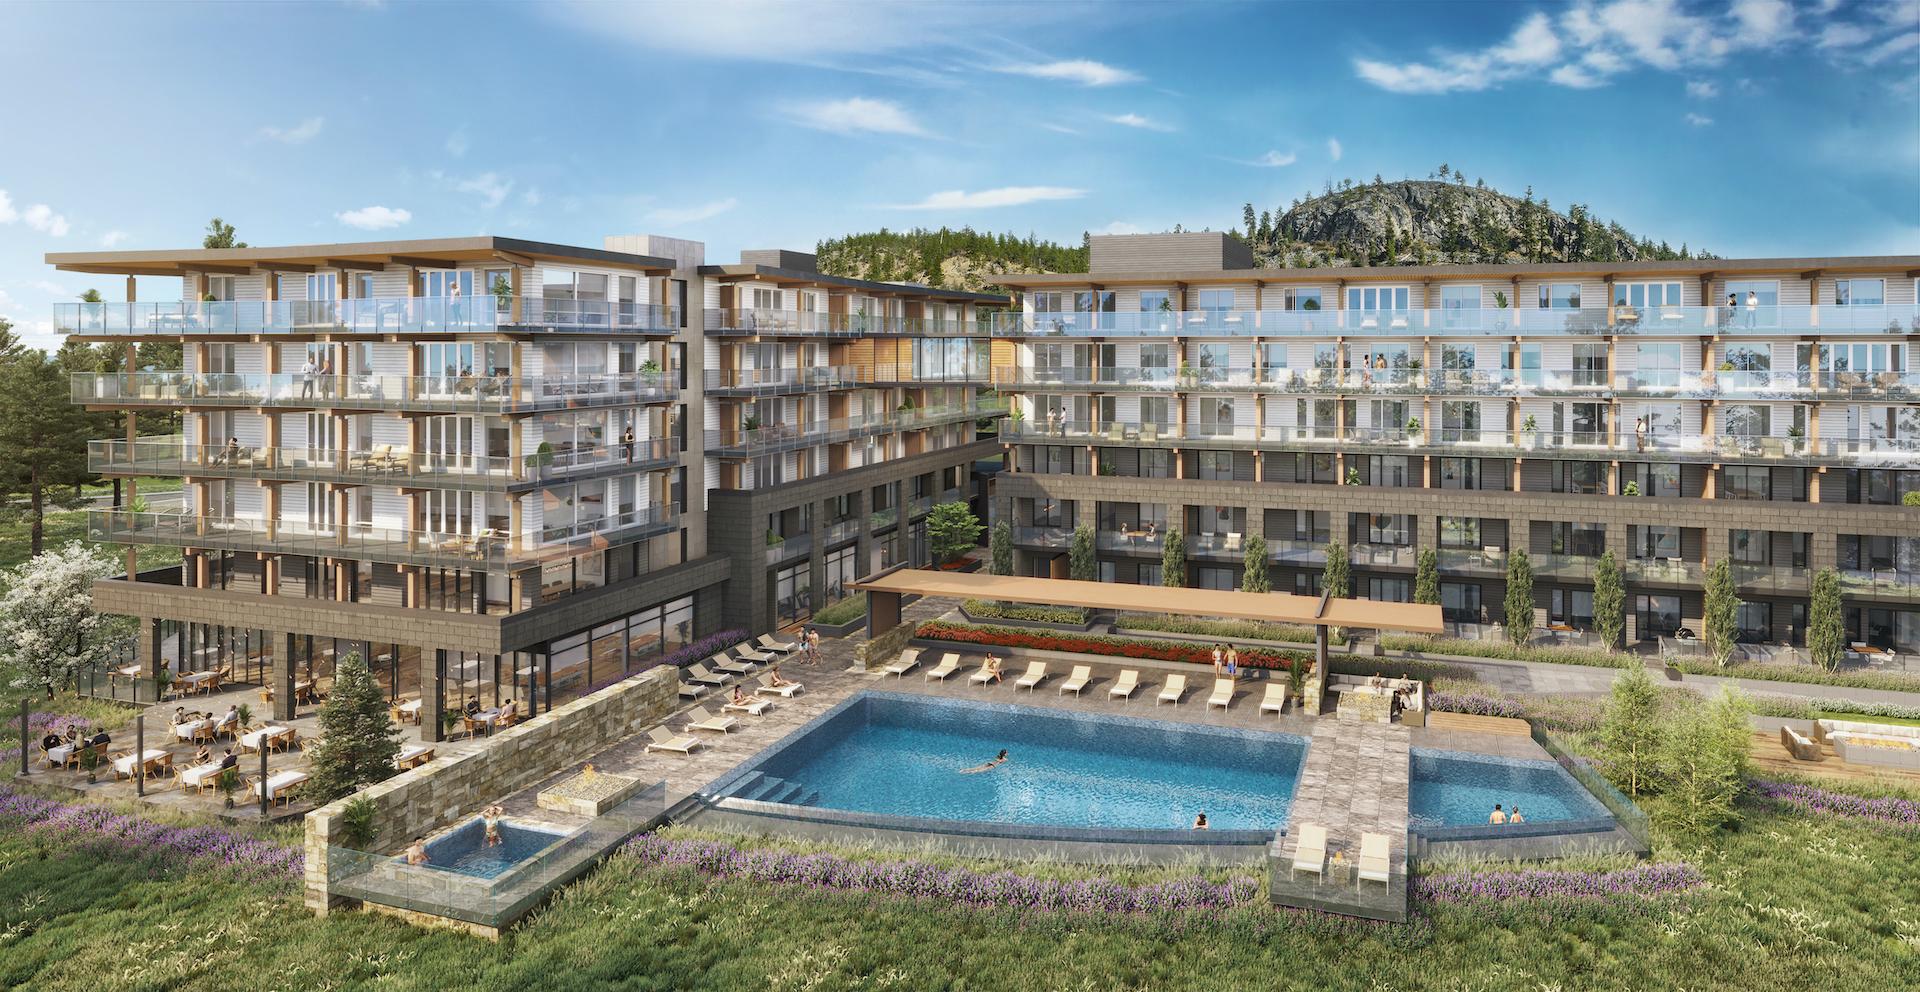 5-star resort-style living awaits you at Zara at Lakestone